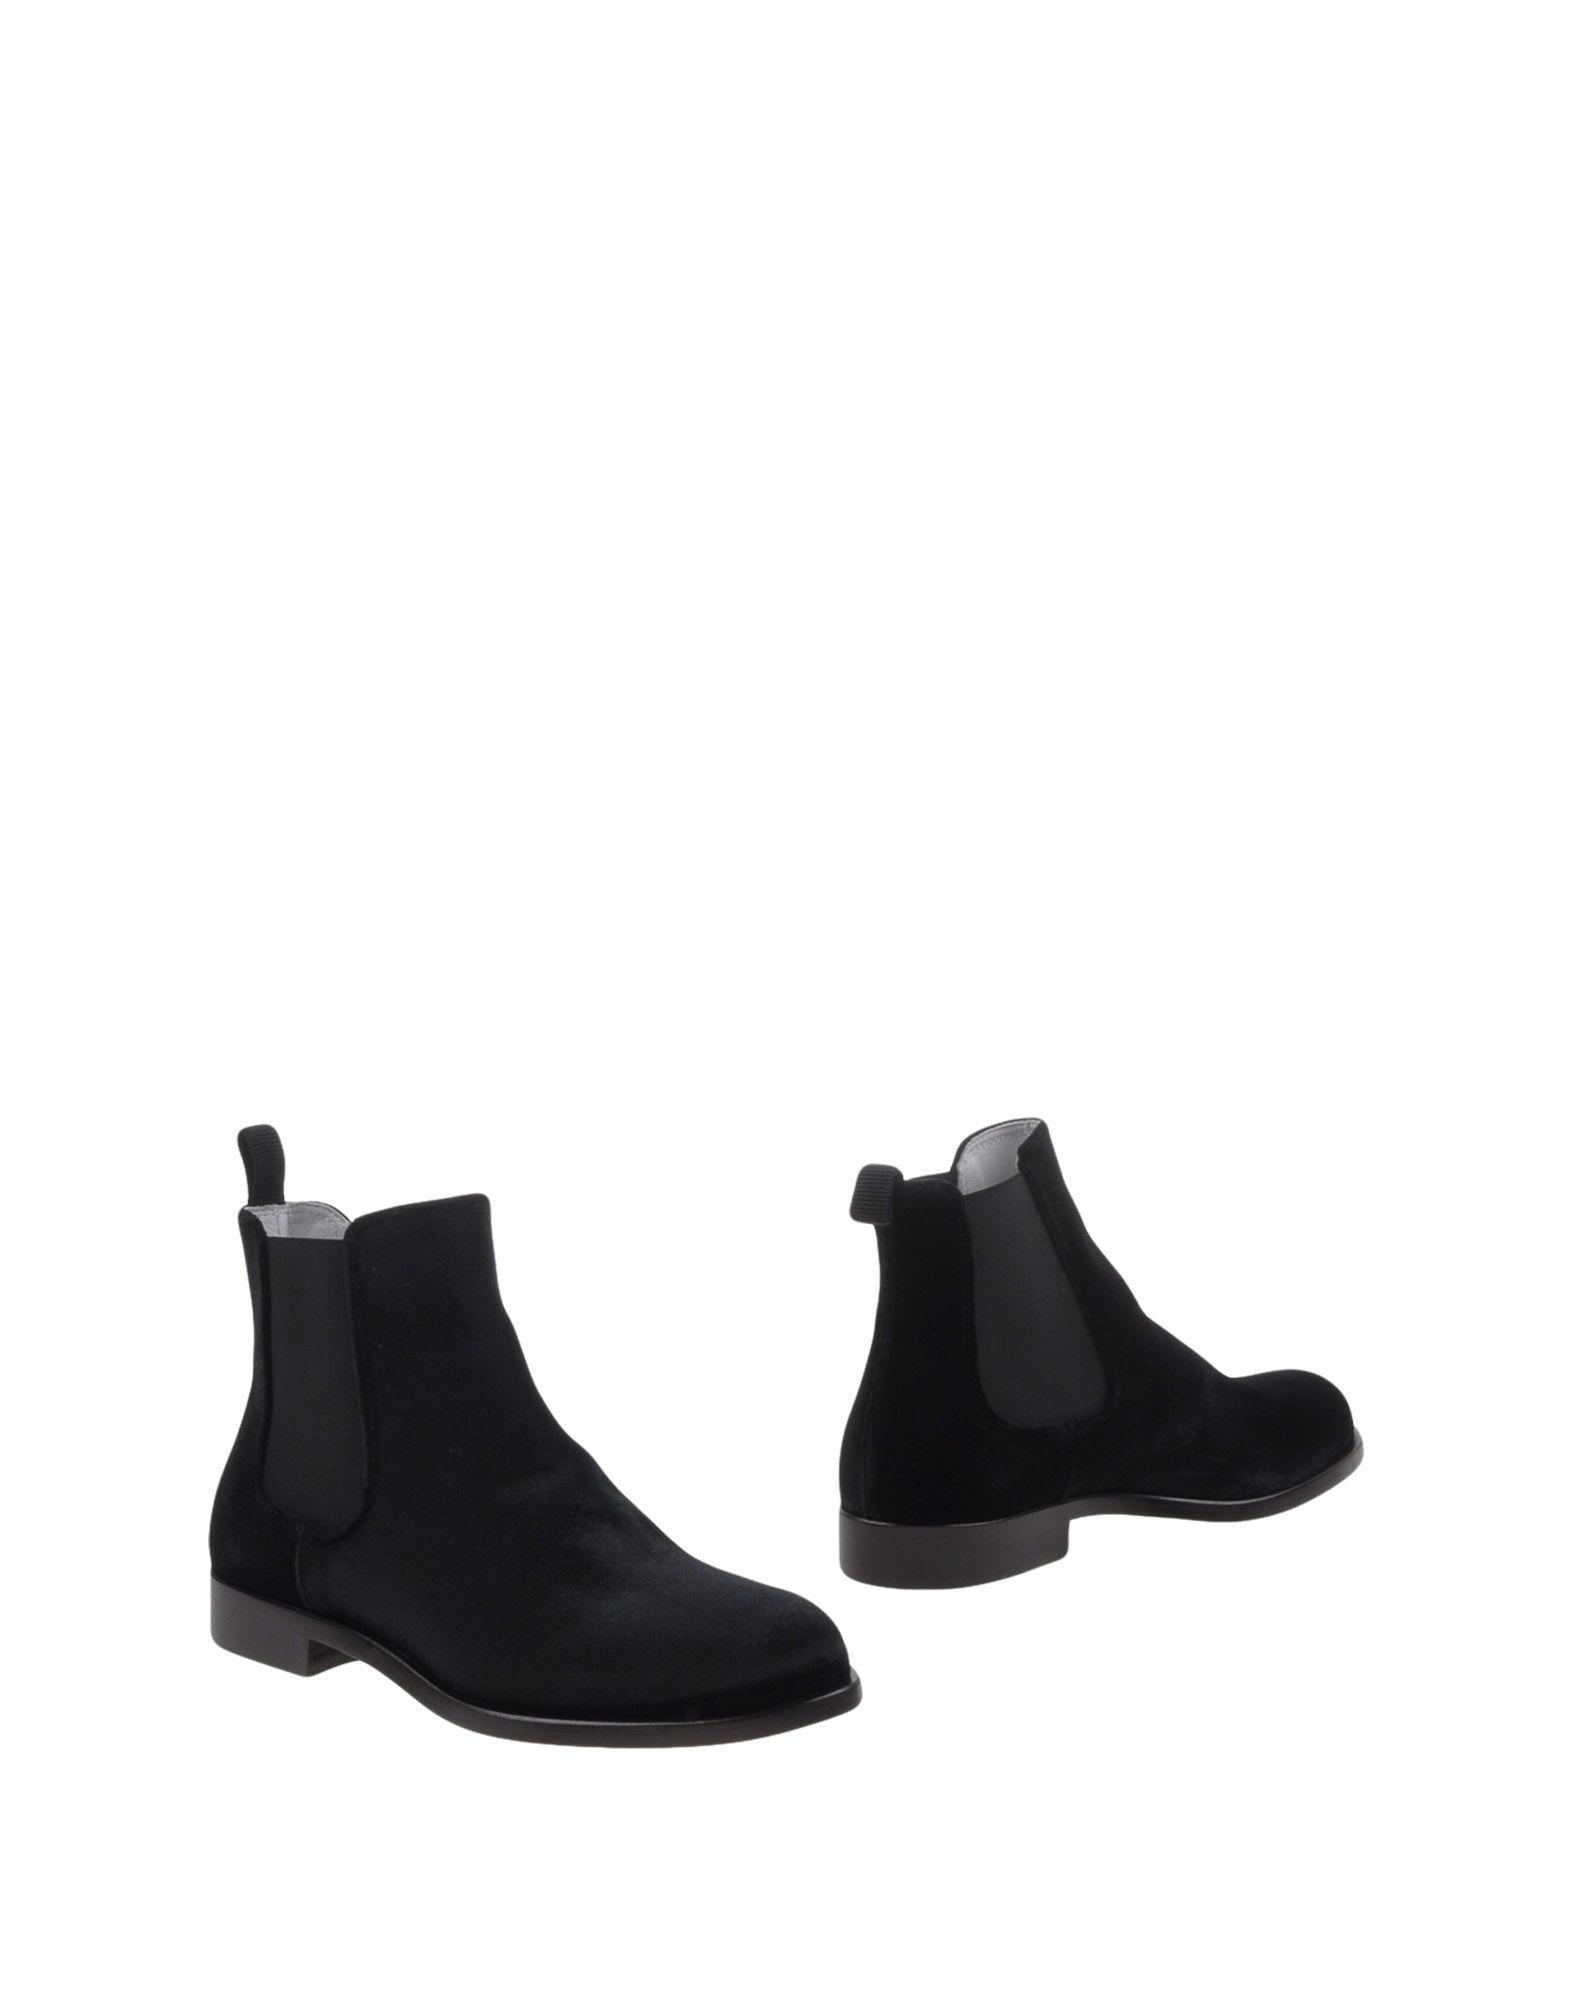 Dogma Chelsea Boots Damen  11359217UI Gute Qualität beliebte Schuhe